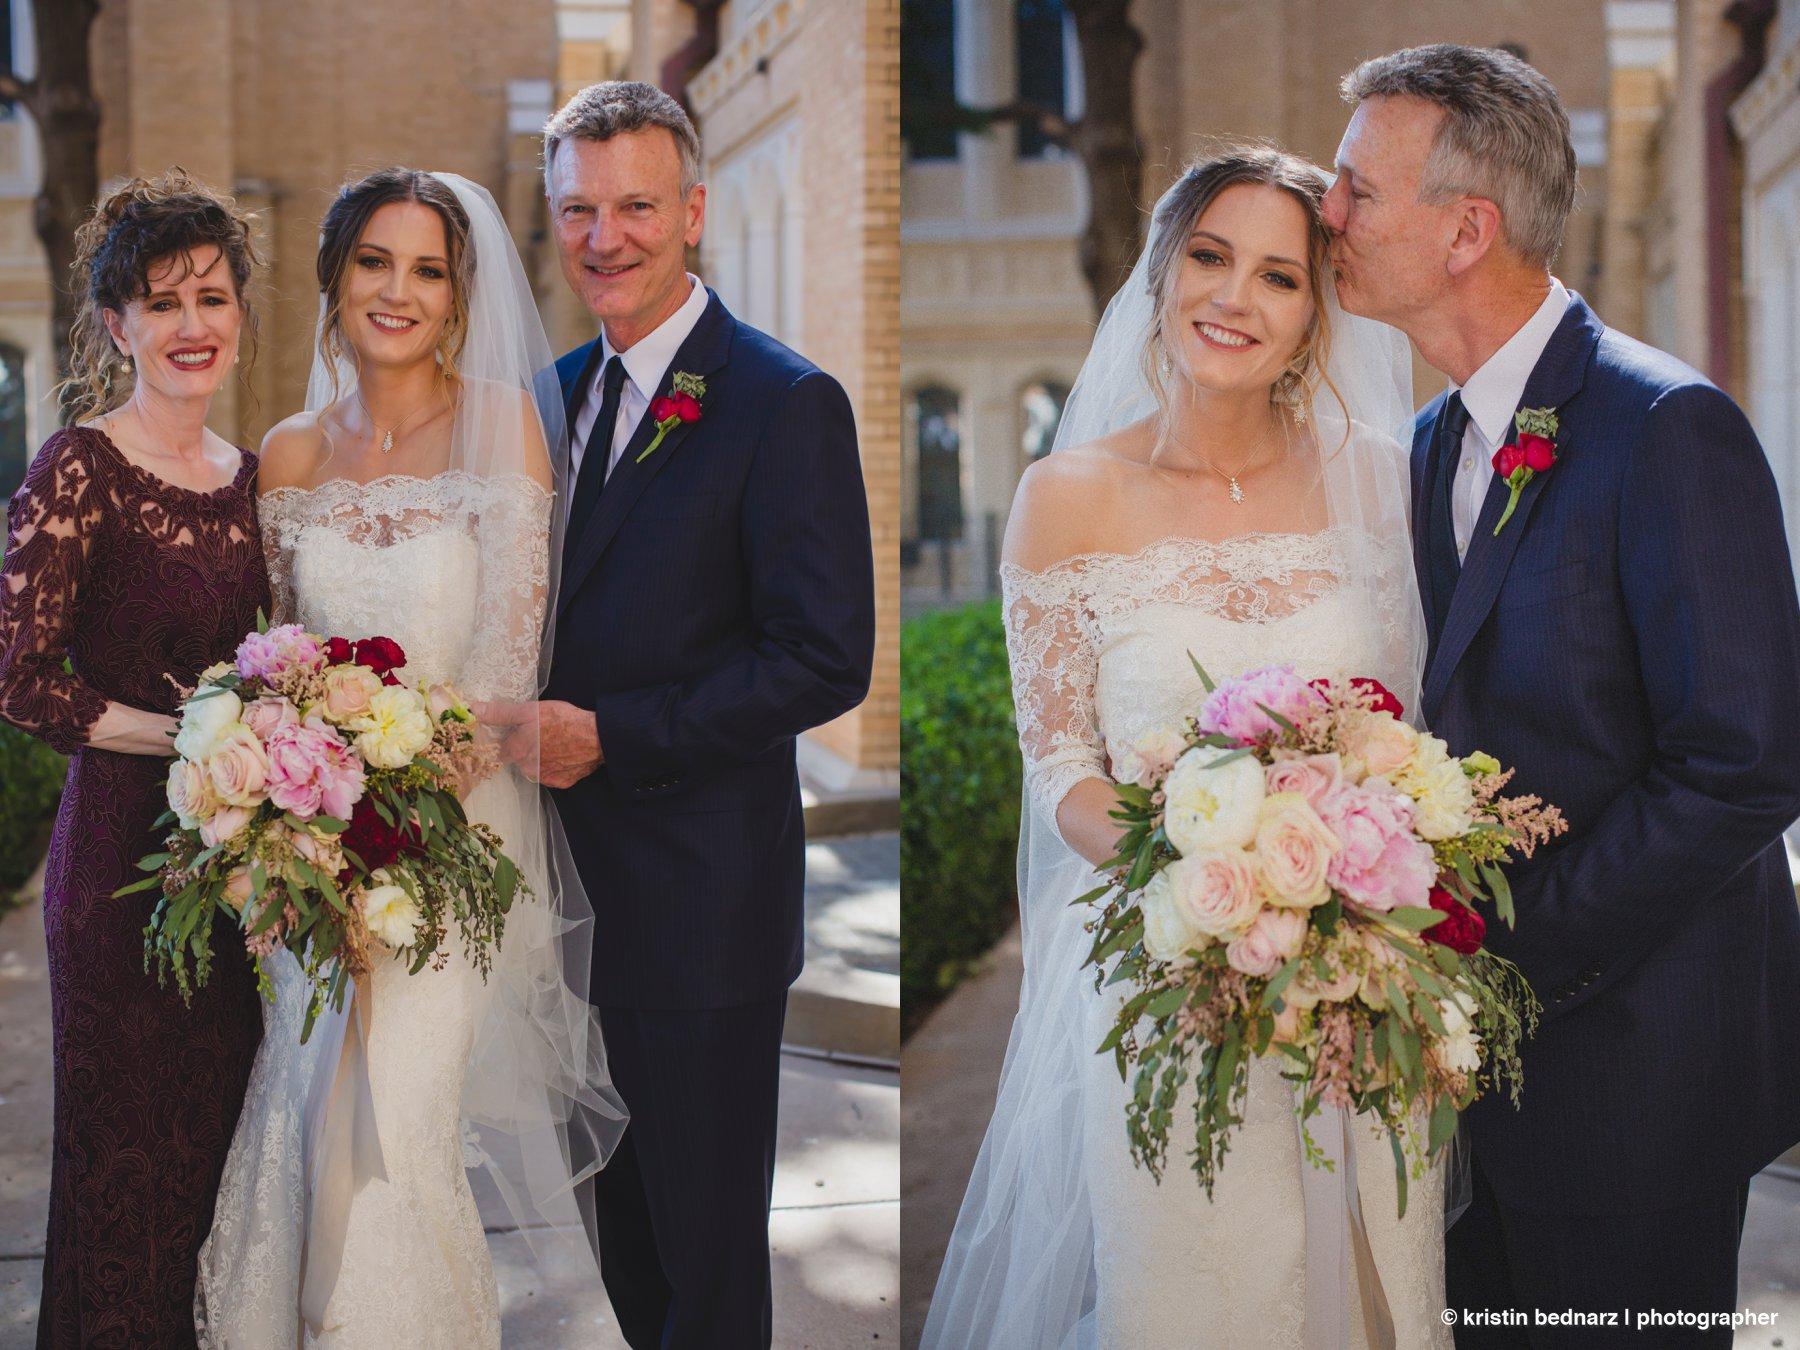 Krisitin_Bednarz_Lubbock_Wedding_Photographer_20180602_0055.JPG